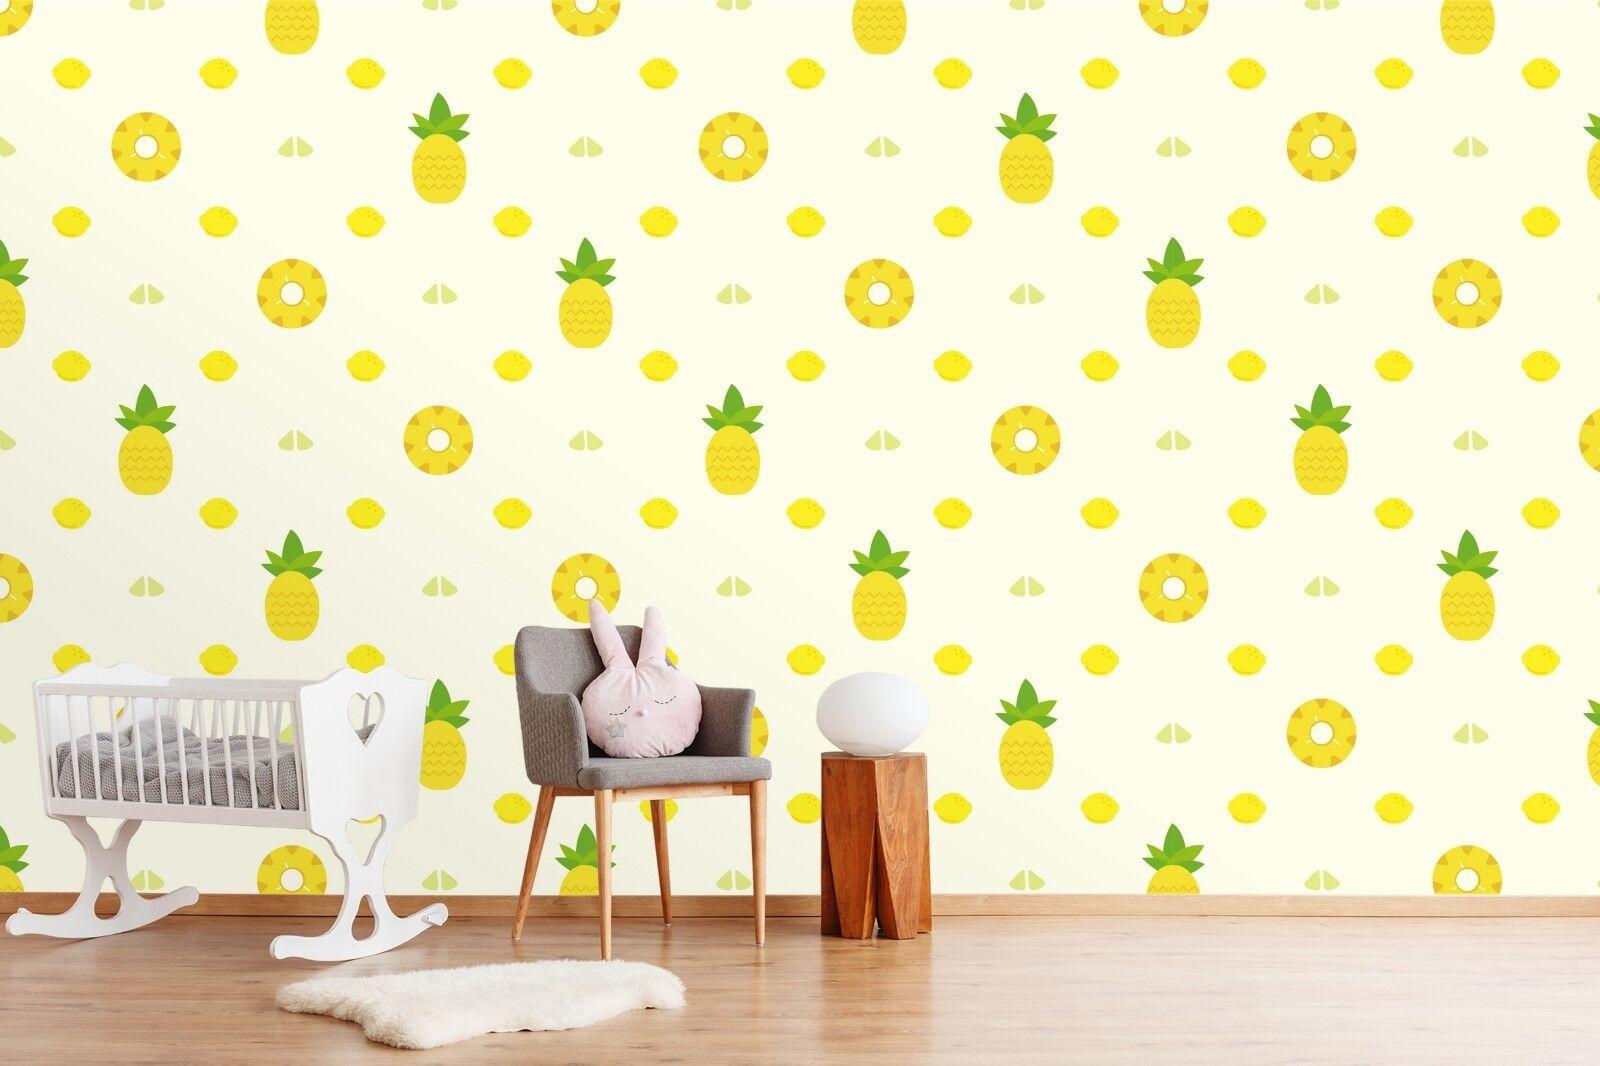 3D Pineapple Gelb  33 Wallpaper Mural Print Wall Indoor Wallpaper Murals UK